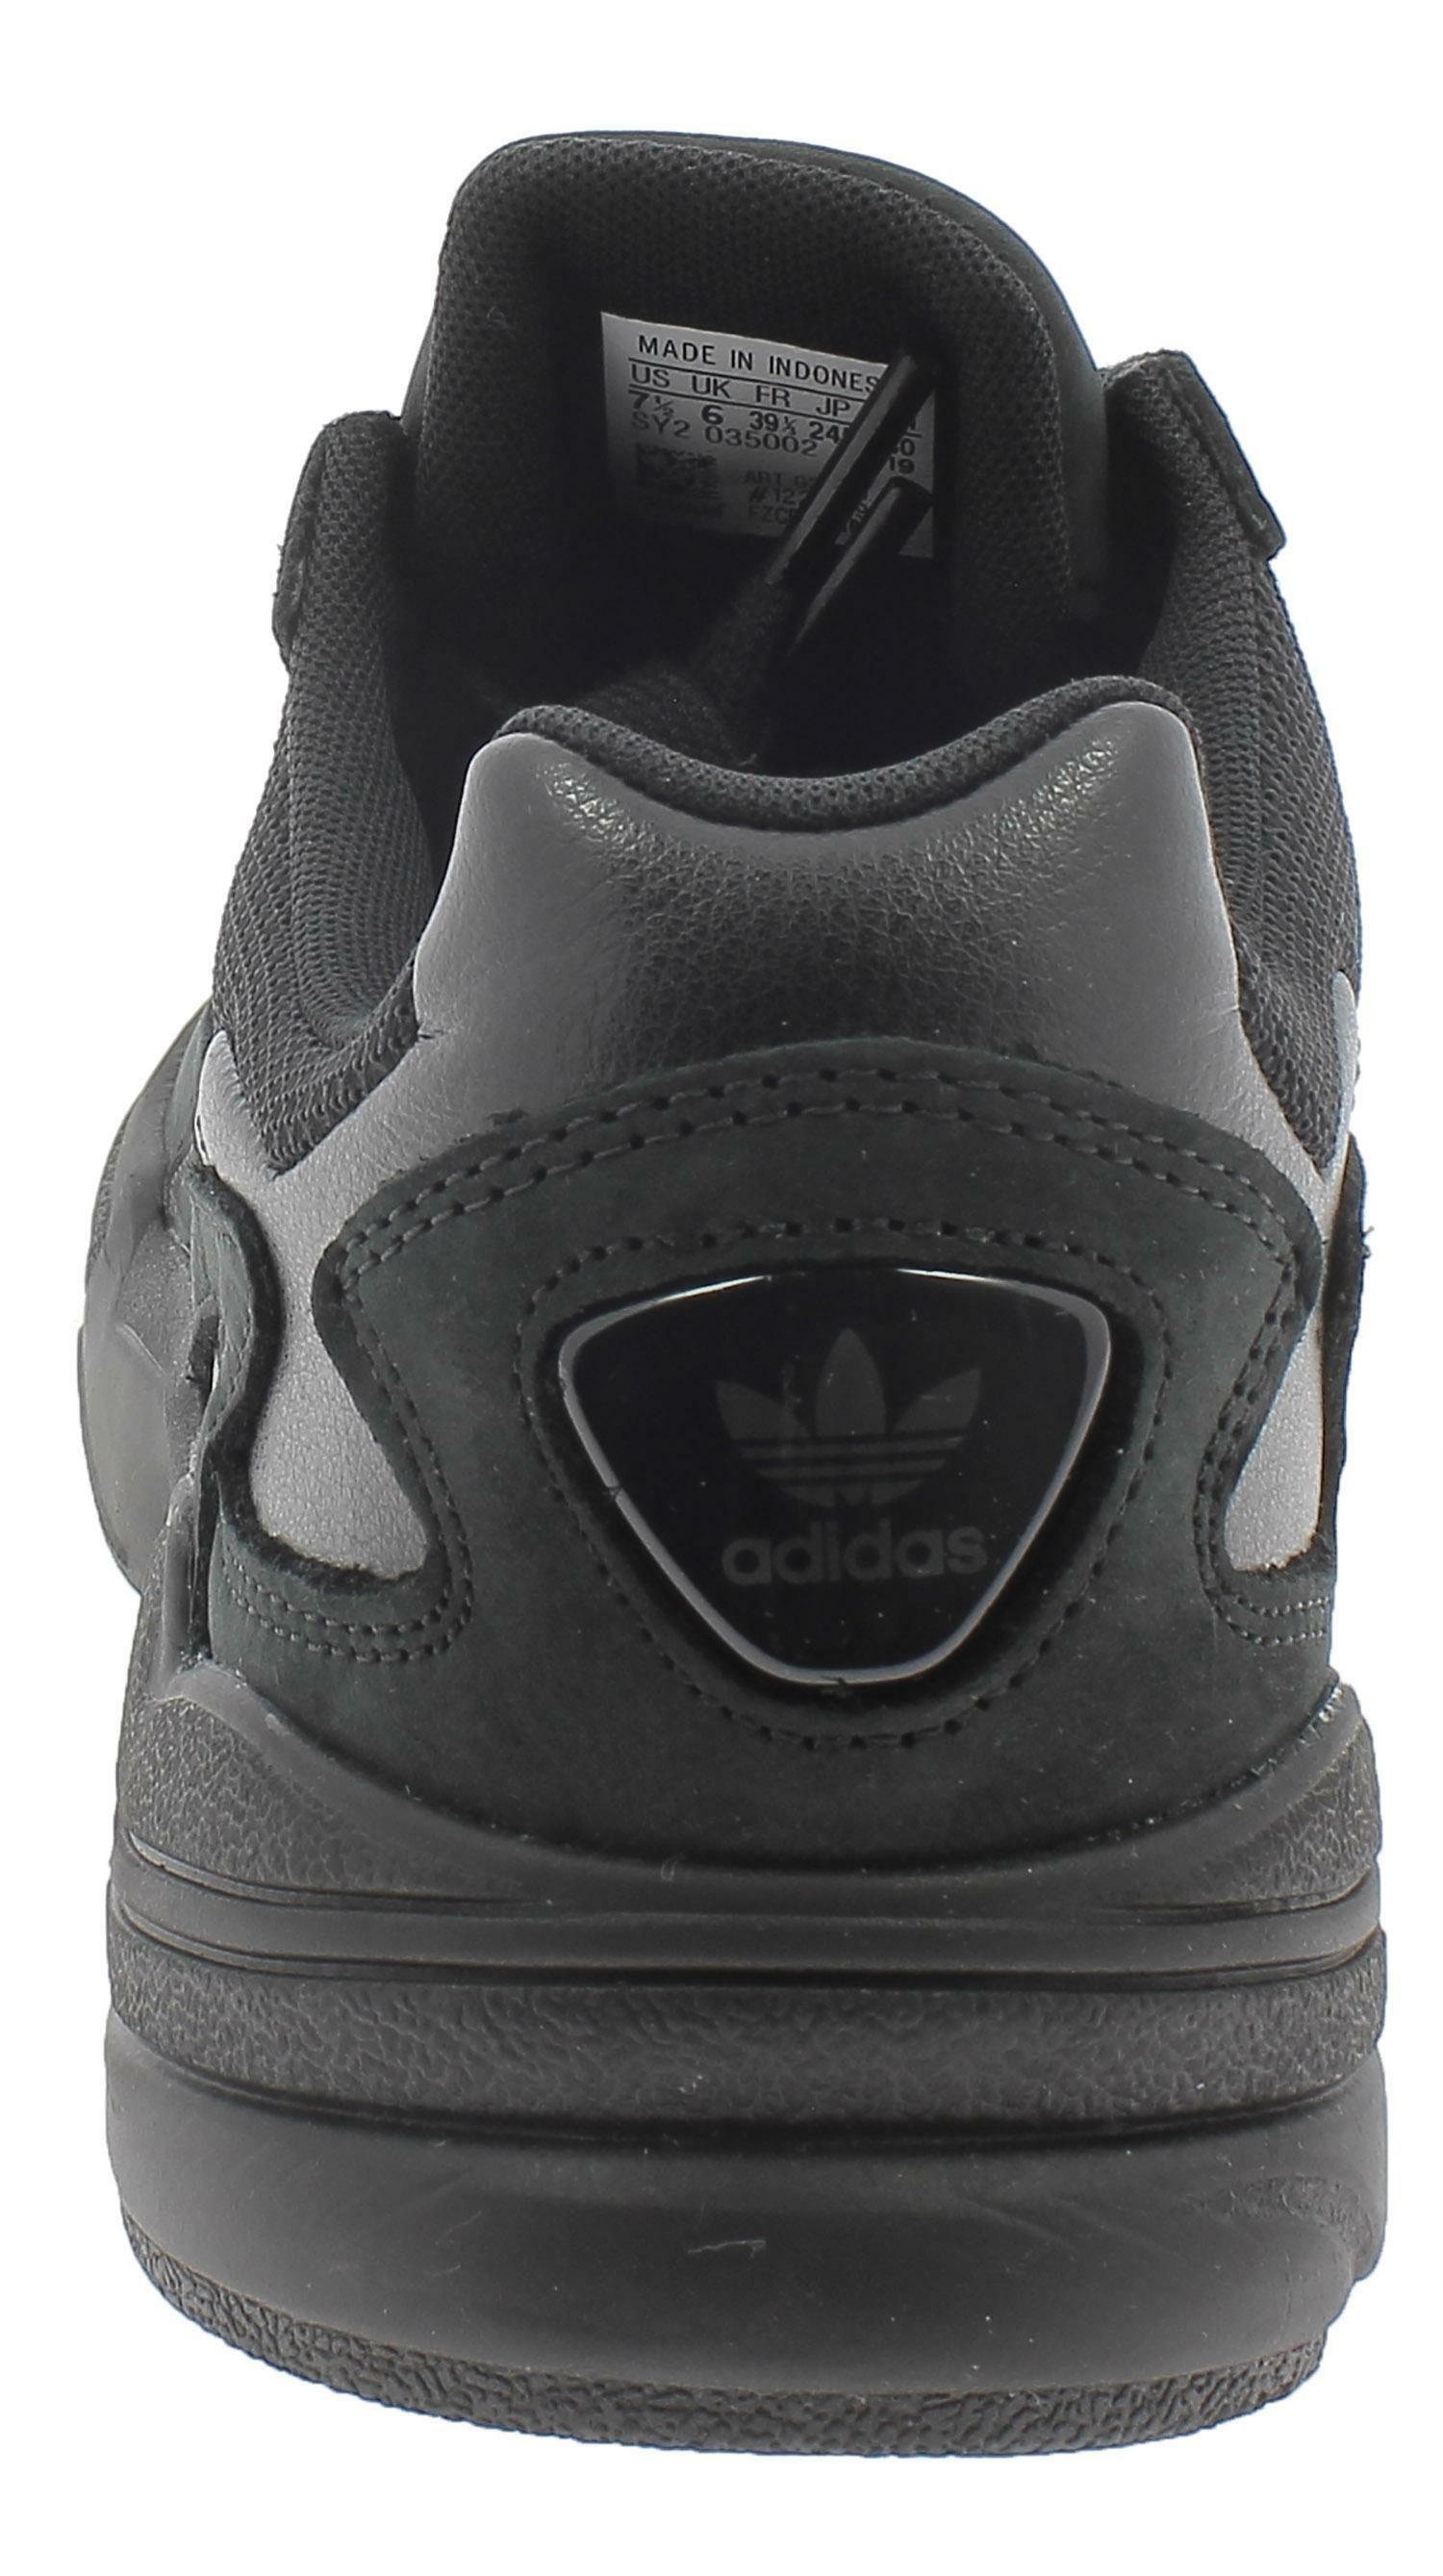 adidas falcon w donna nere